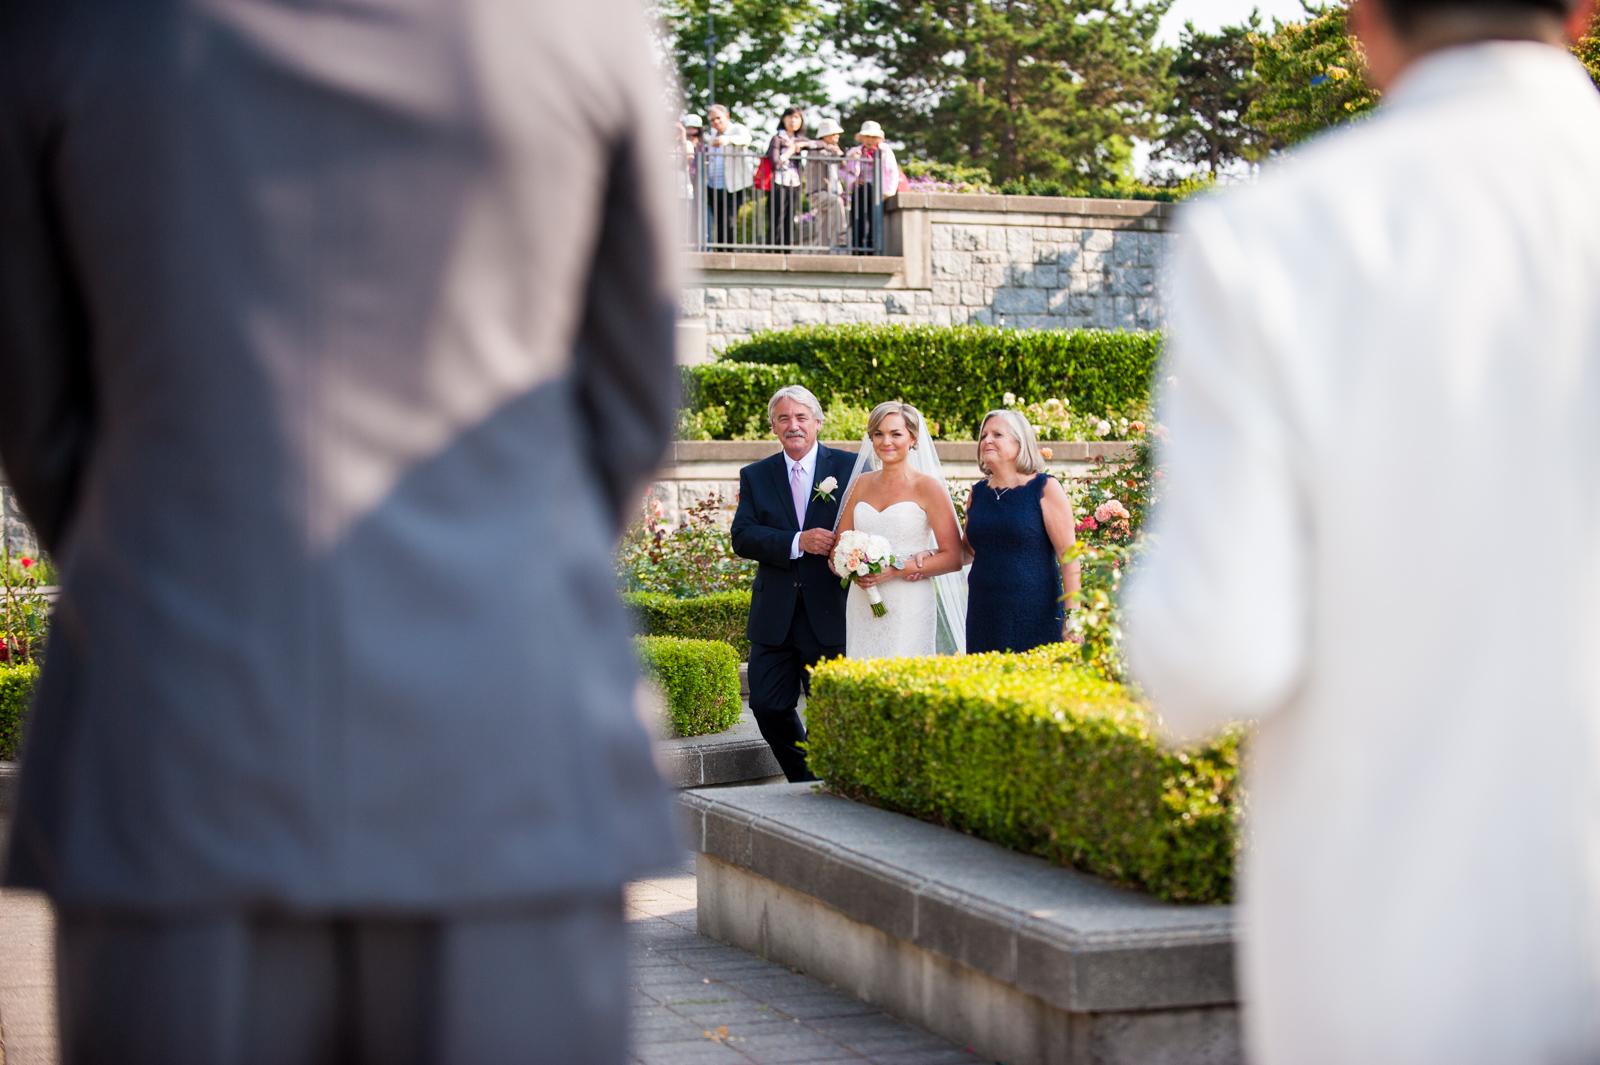 victoria-wedding-photographers-ubc-rose-garden-sage-bistro-wedding-29.jpg